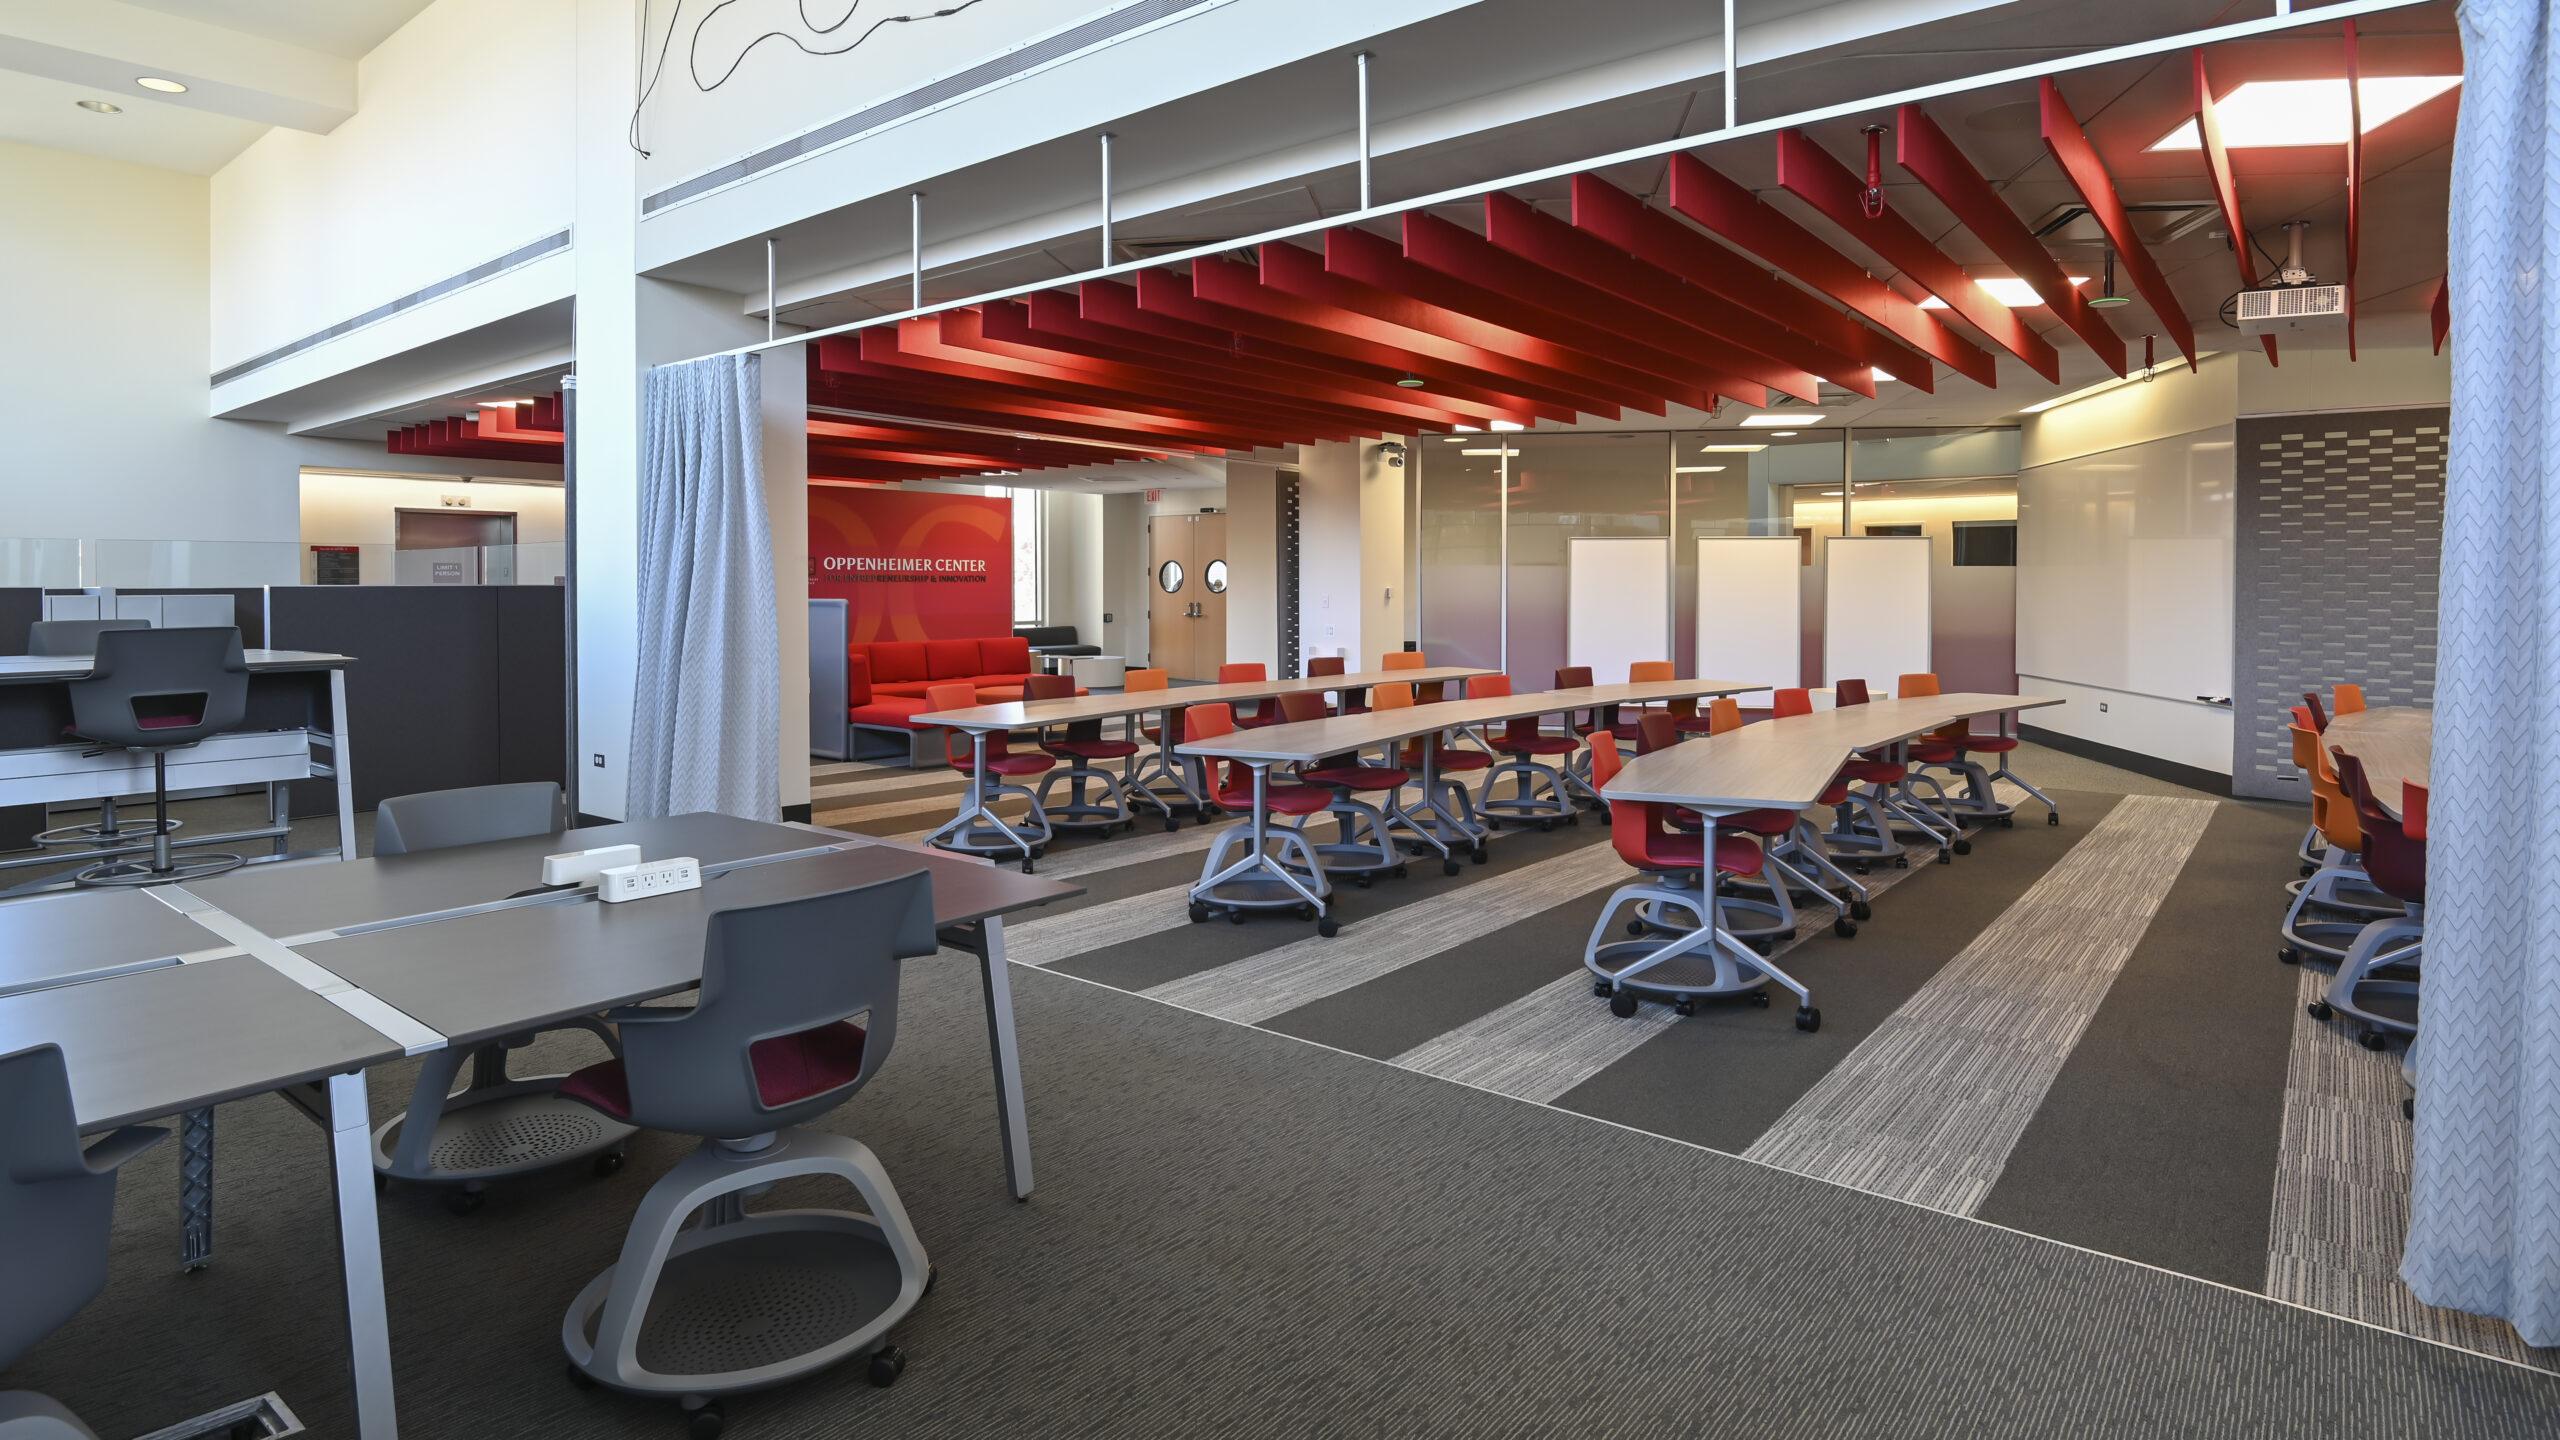 Lake Forest College | Oppenheimer Center for Entrepreneurship and Innovation